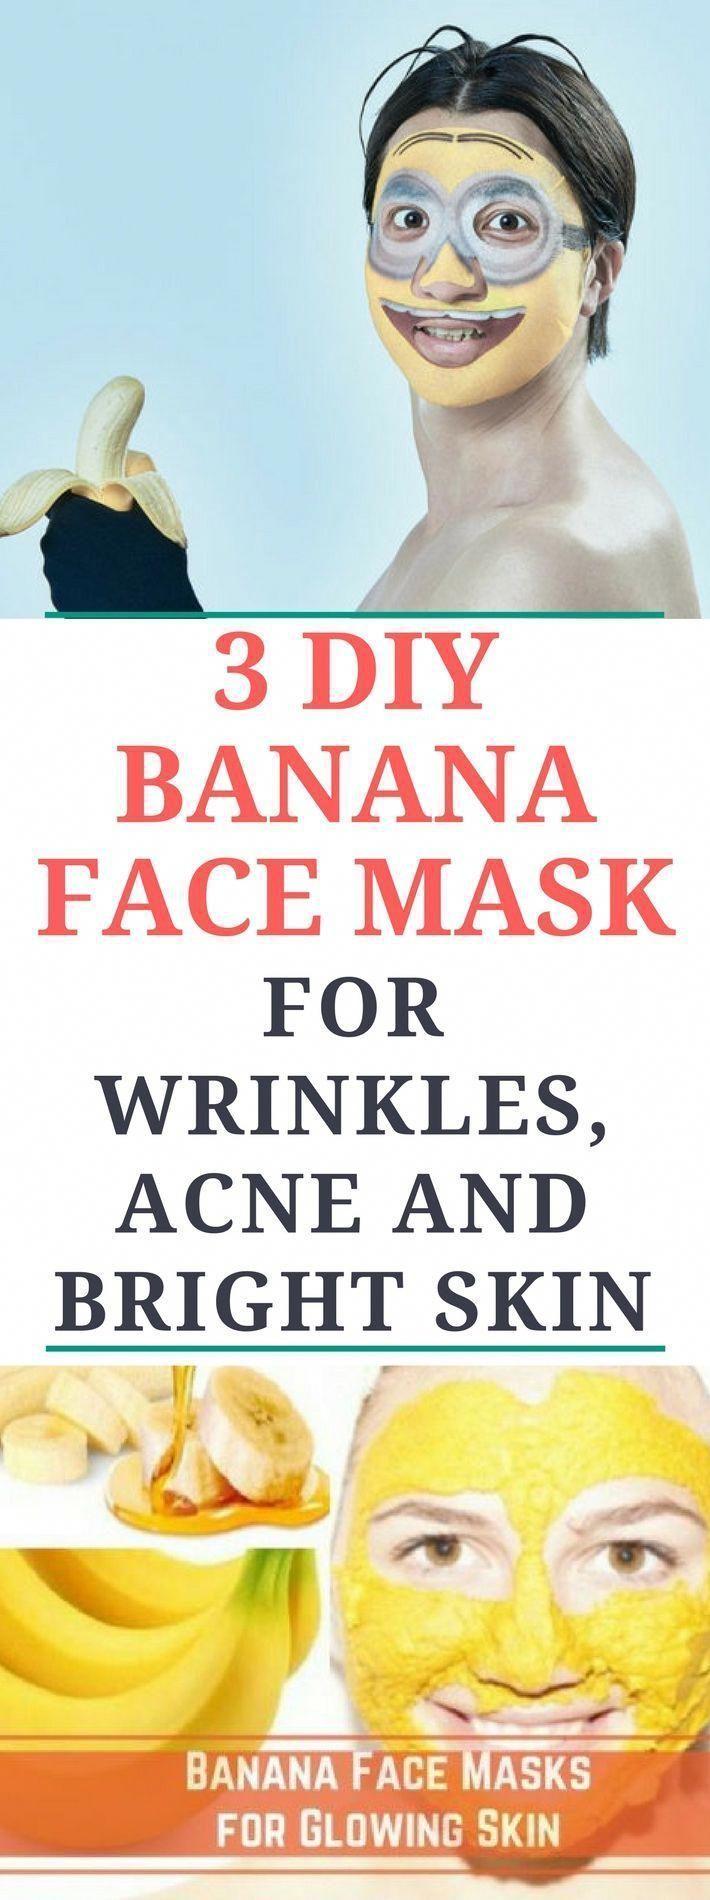 Photo of #Acne #Banana #Bright #DIY #Face #face mask for pores homema…